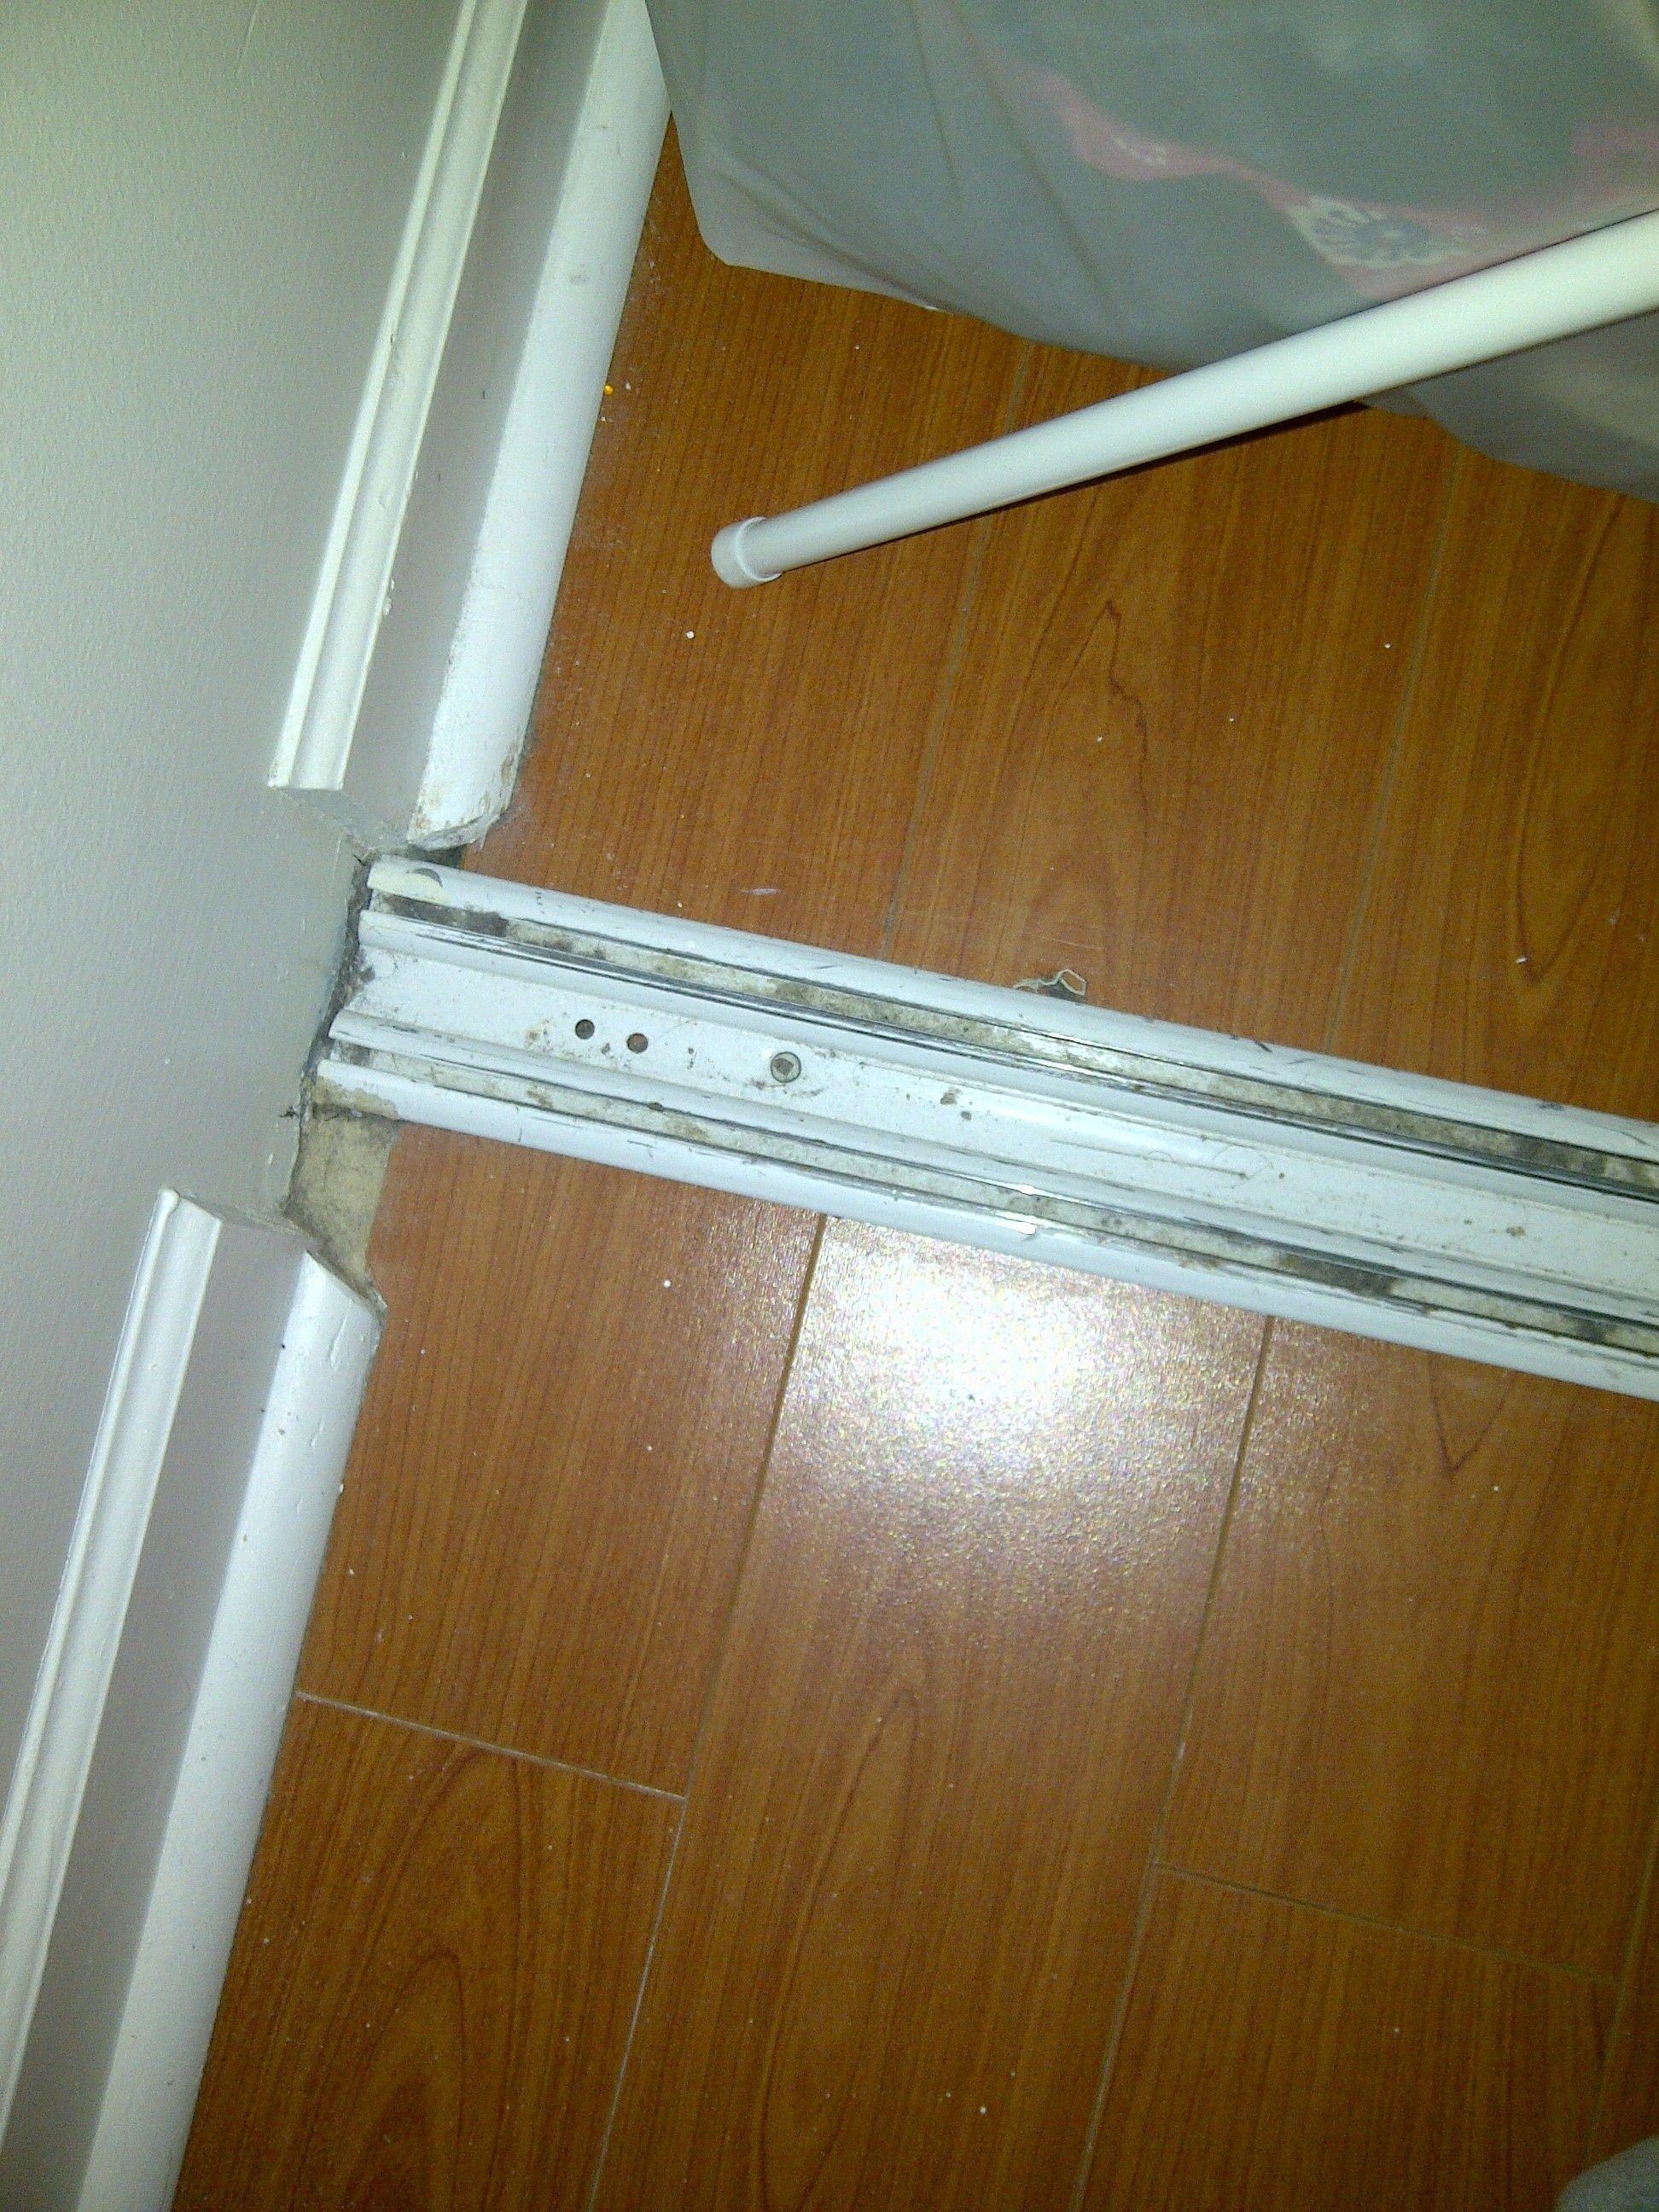 mirrored track sliding doors mirror closet bottom door without